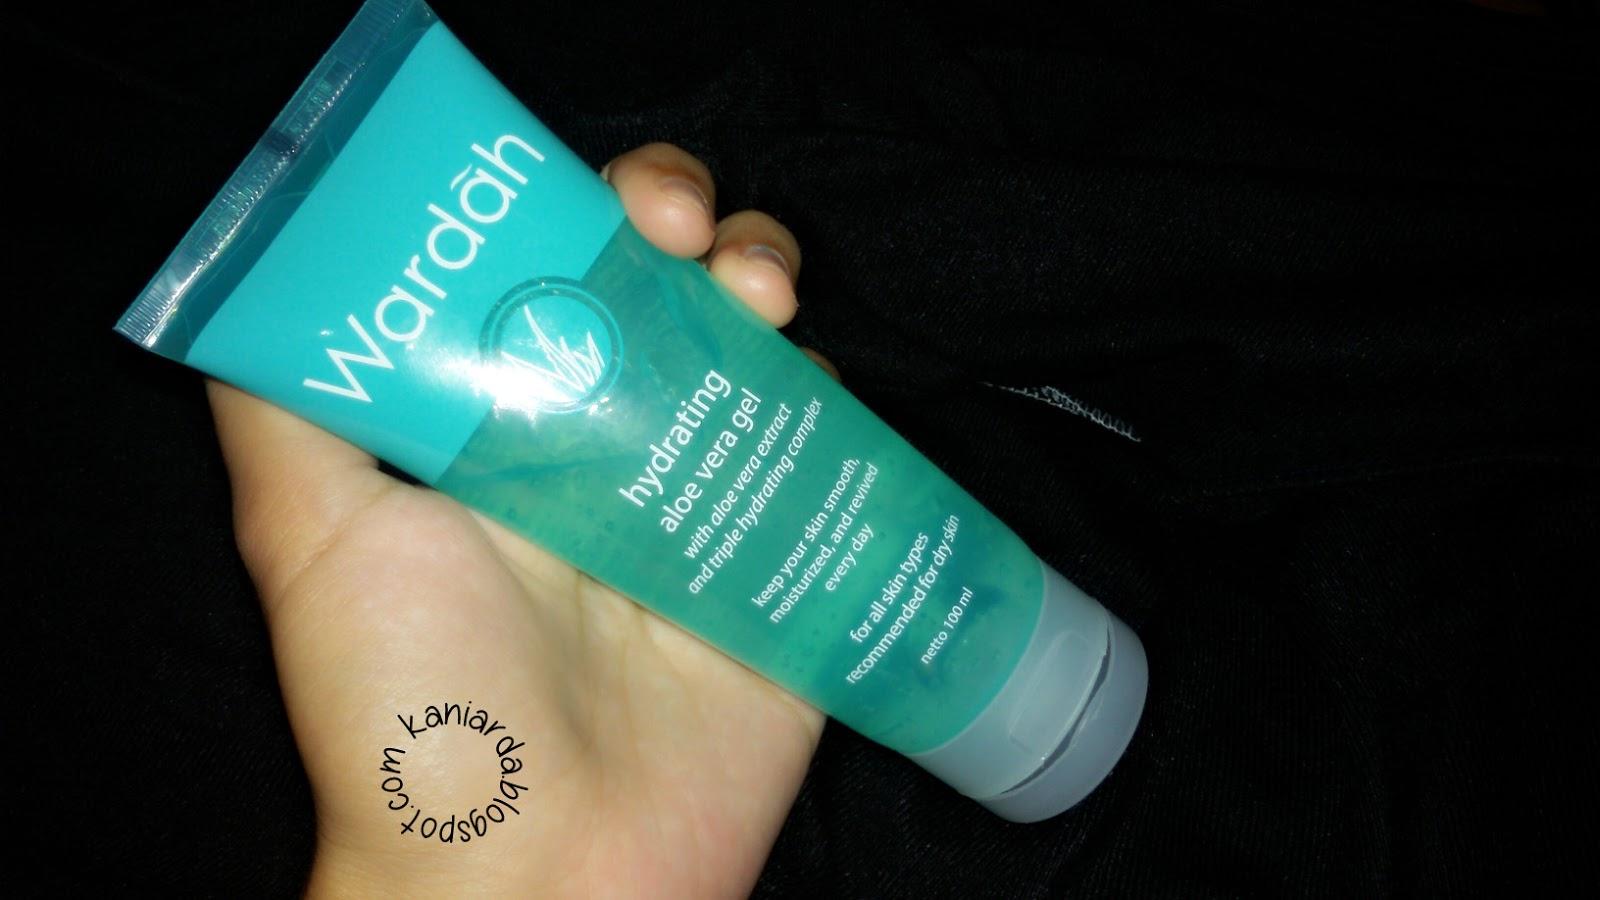 Primer Makeup Dari Wardah - Makeup Vidalondon